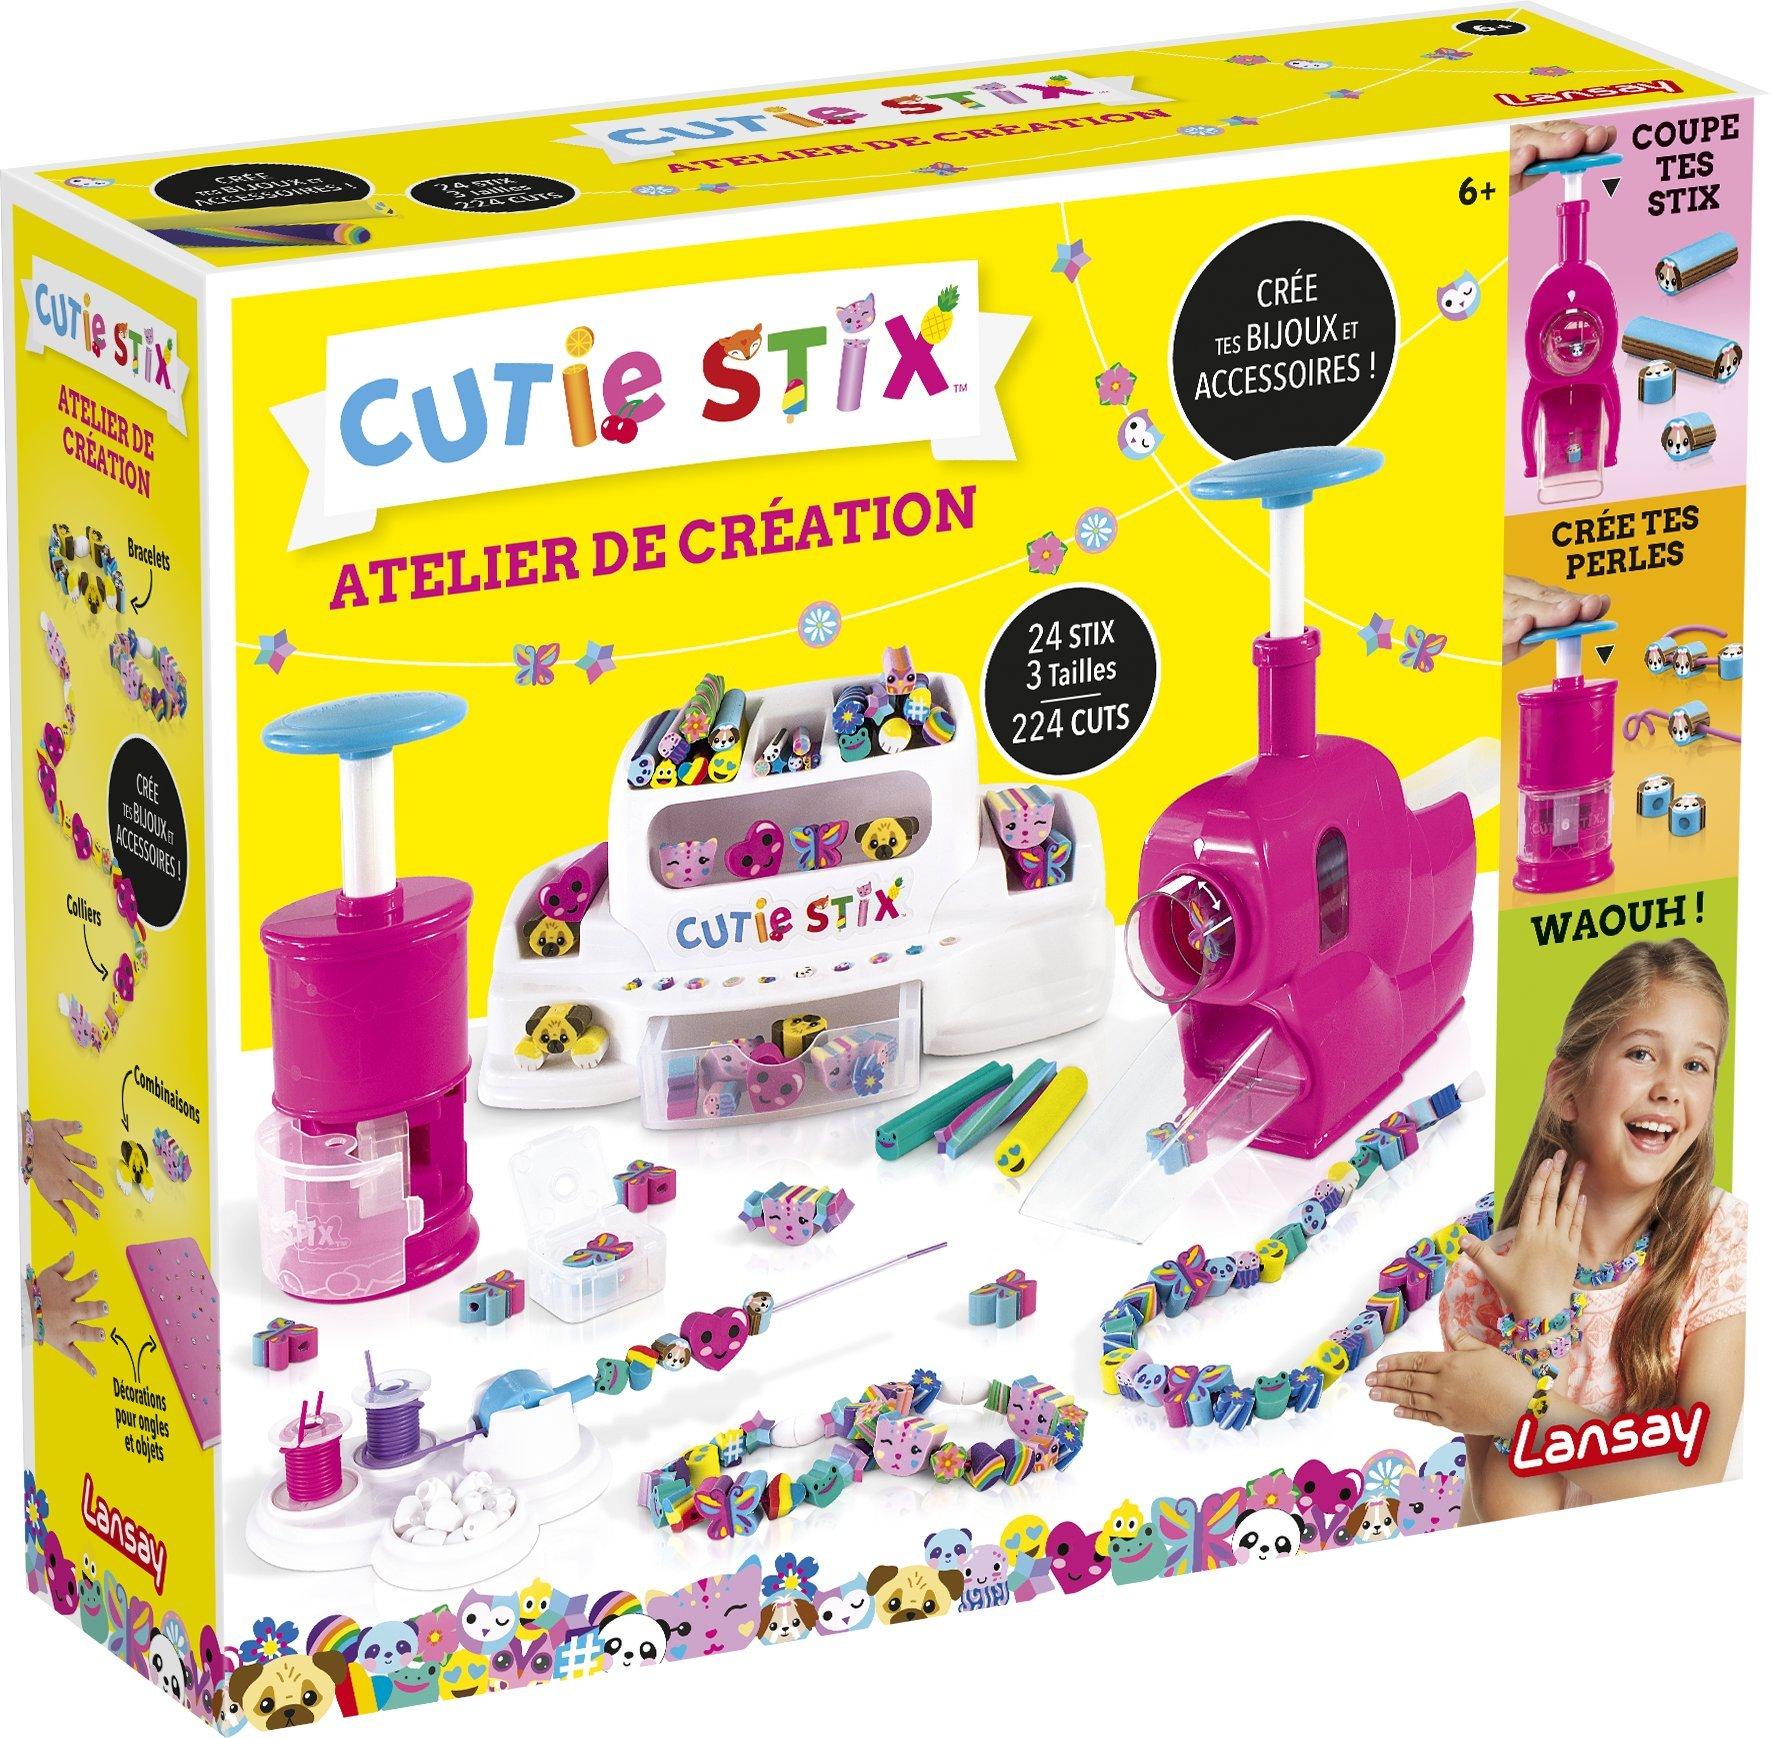 Lansay - 33130 - Cutie Stix - Atelier de Création product image